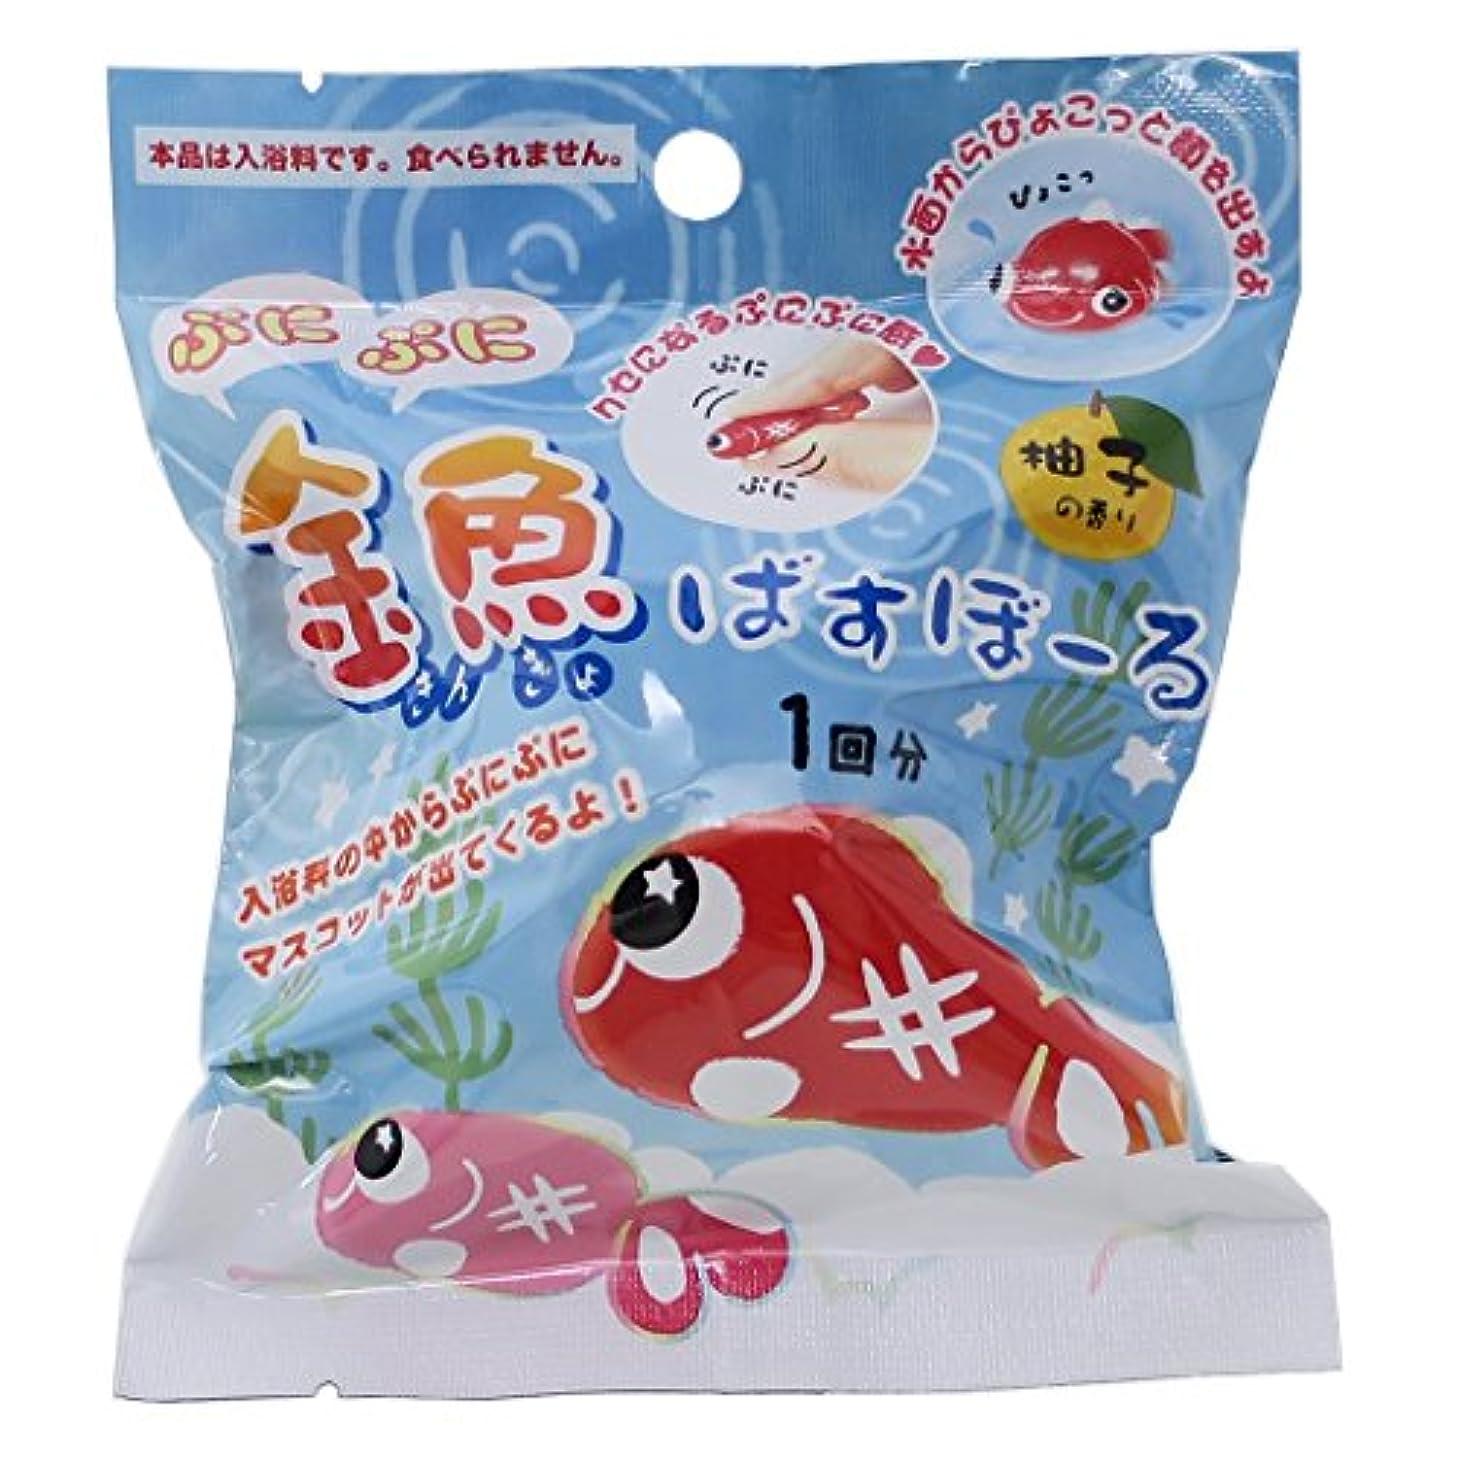 批判する人口約設定ぷにぷに金魚バスボール 柚子の香り 80g 1個入